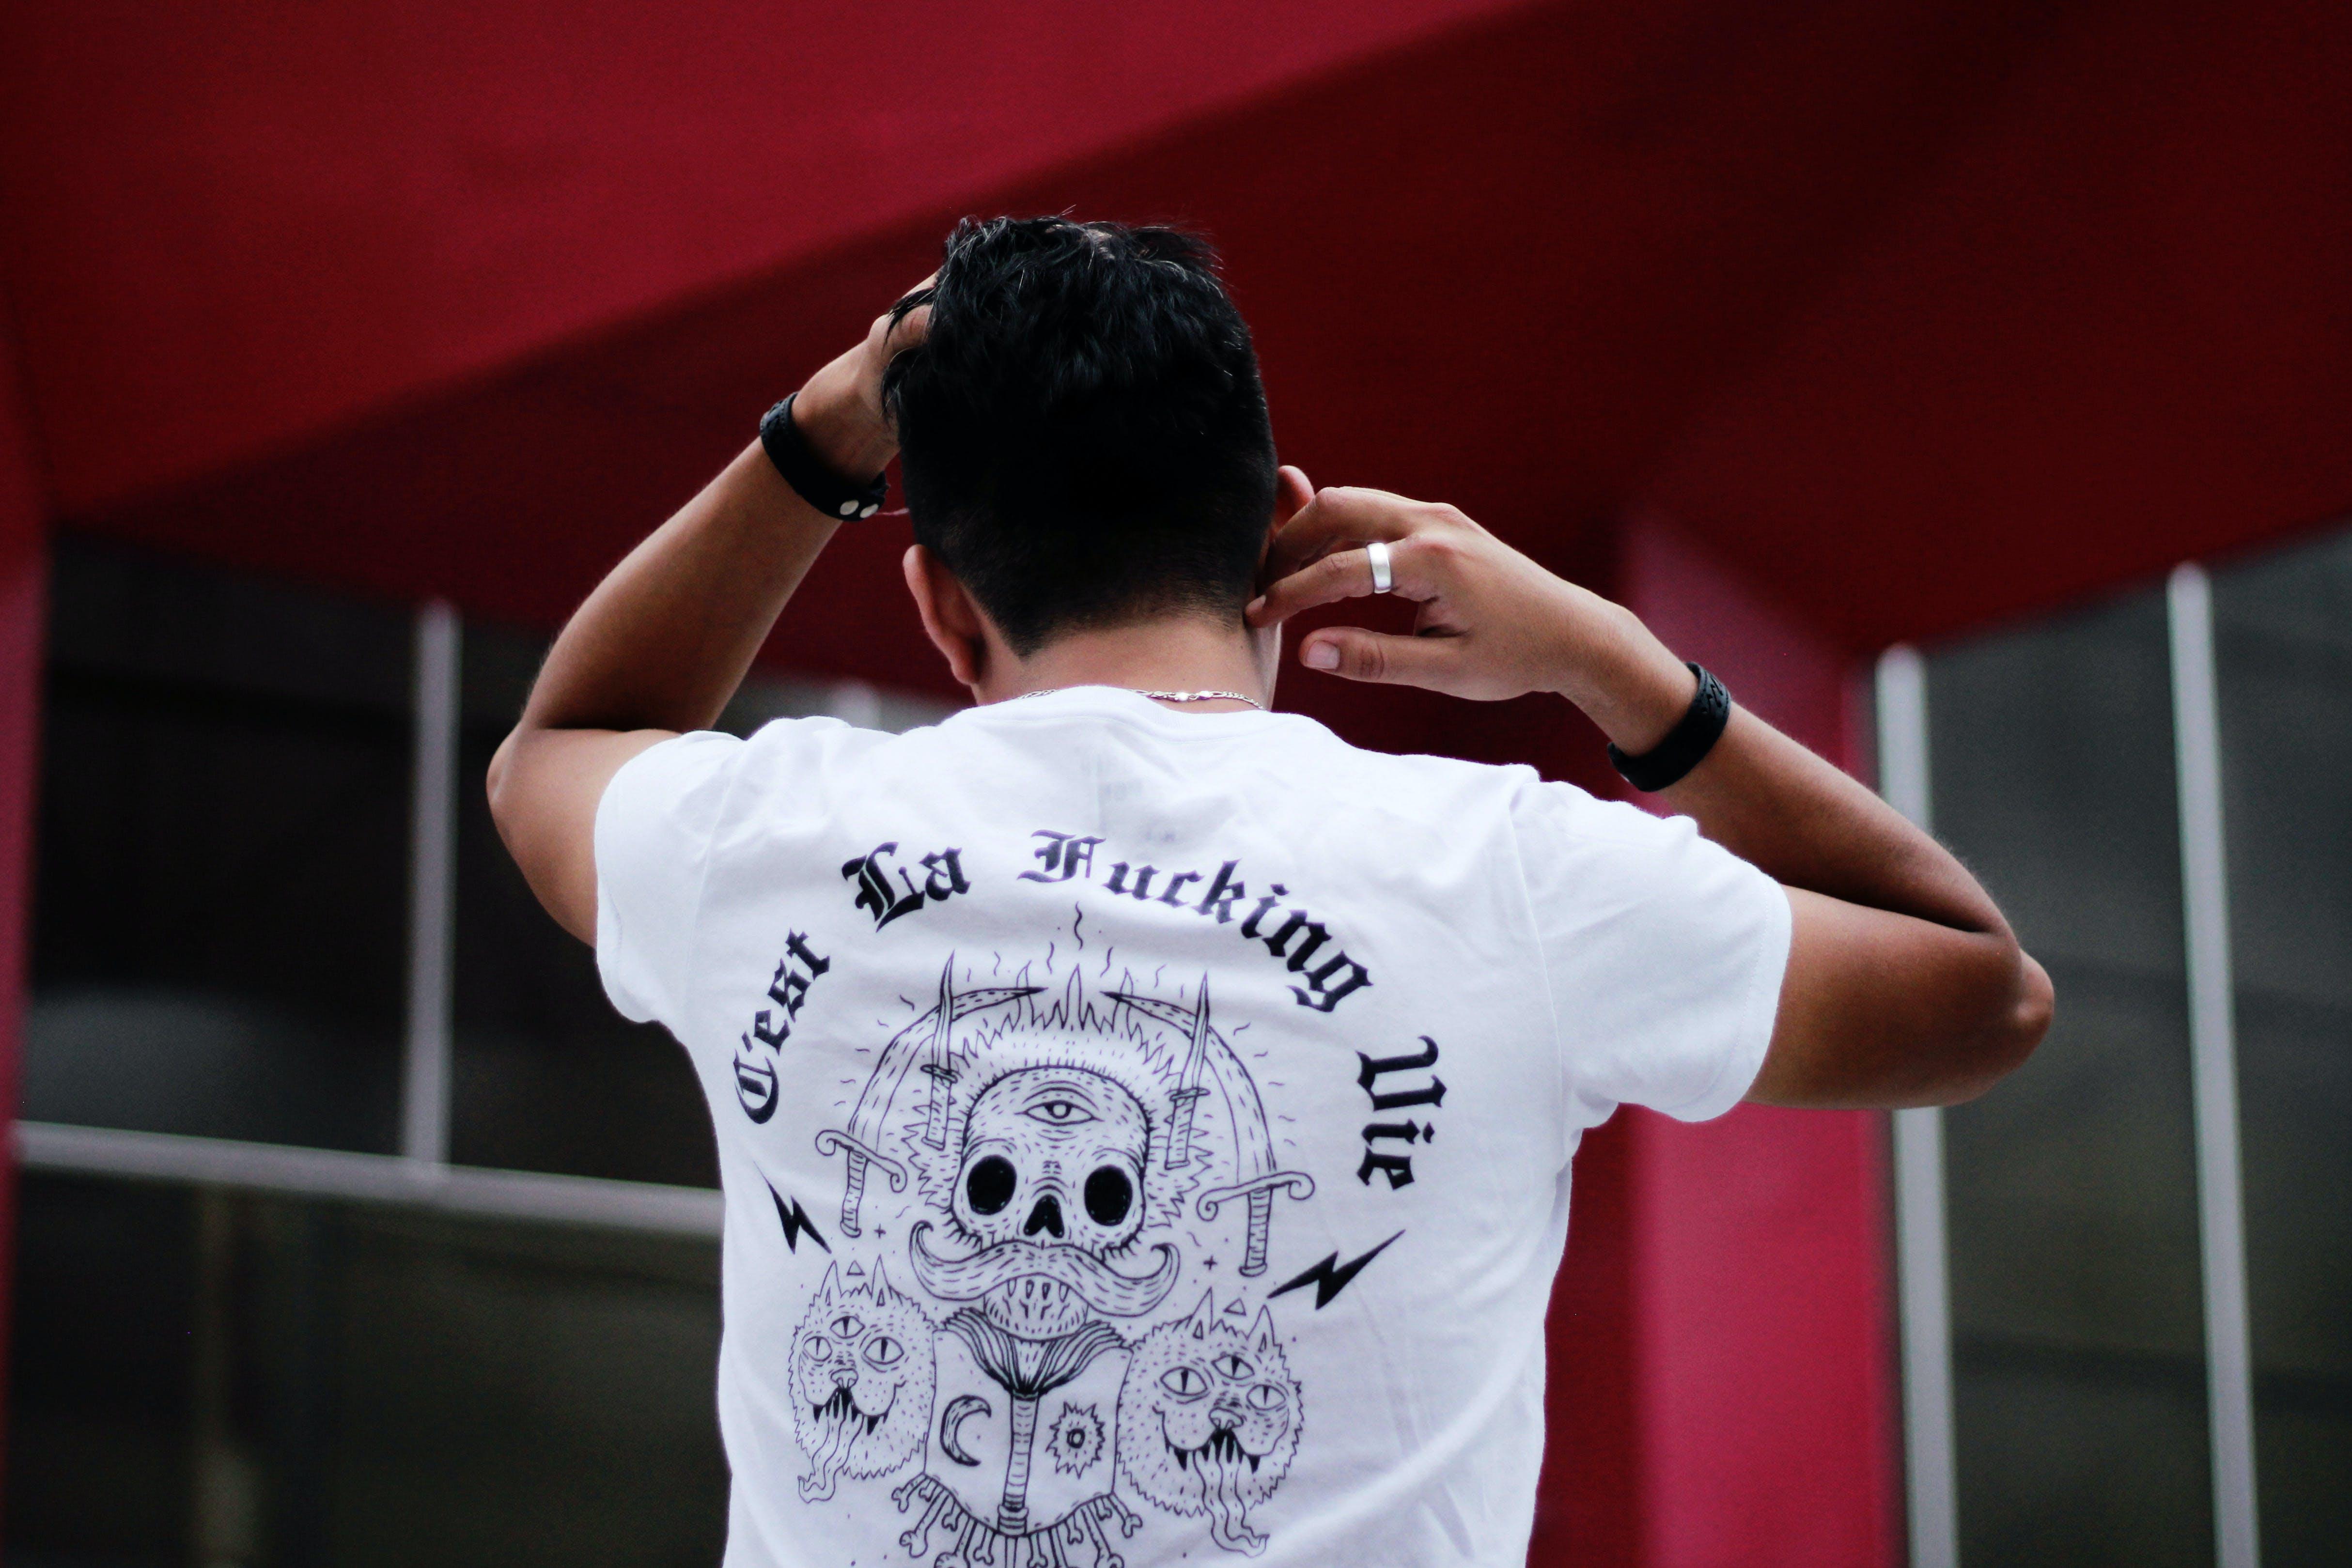 Man Turning Back Showing White T-shirt